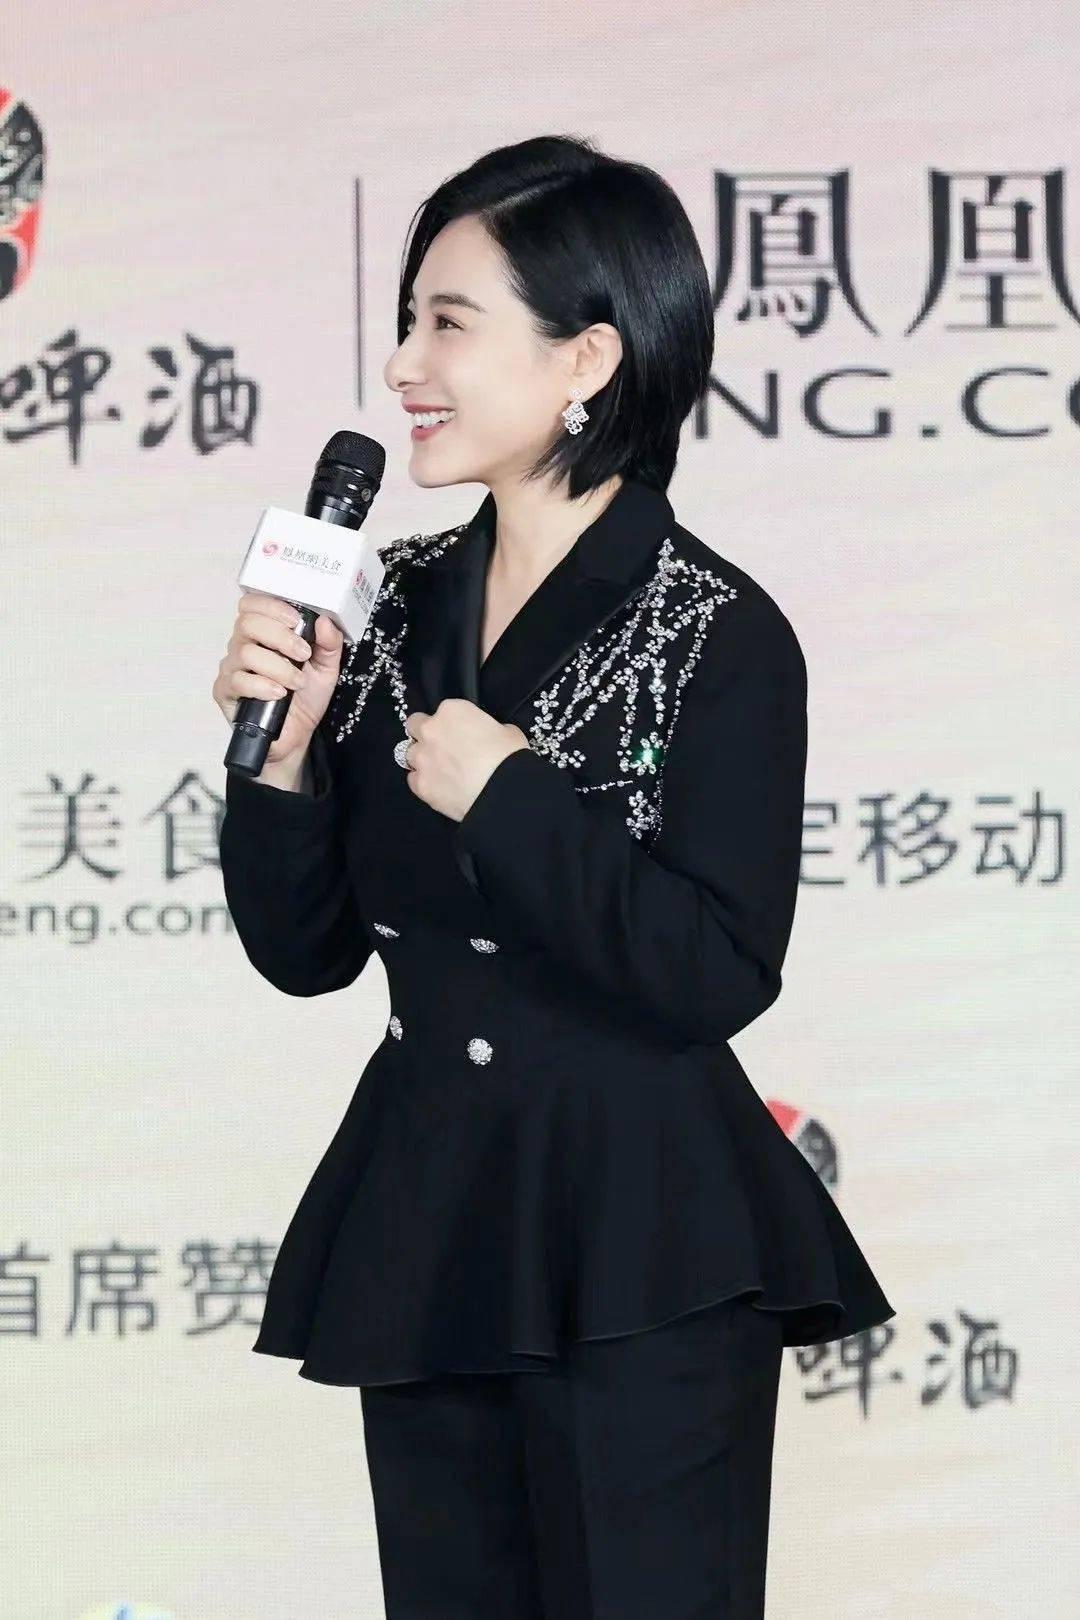 刘璇153的身高穿西装,全靠厚底鞋拯救她,看整体真的又矮又土!